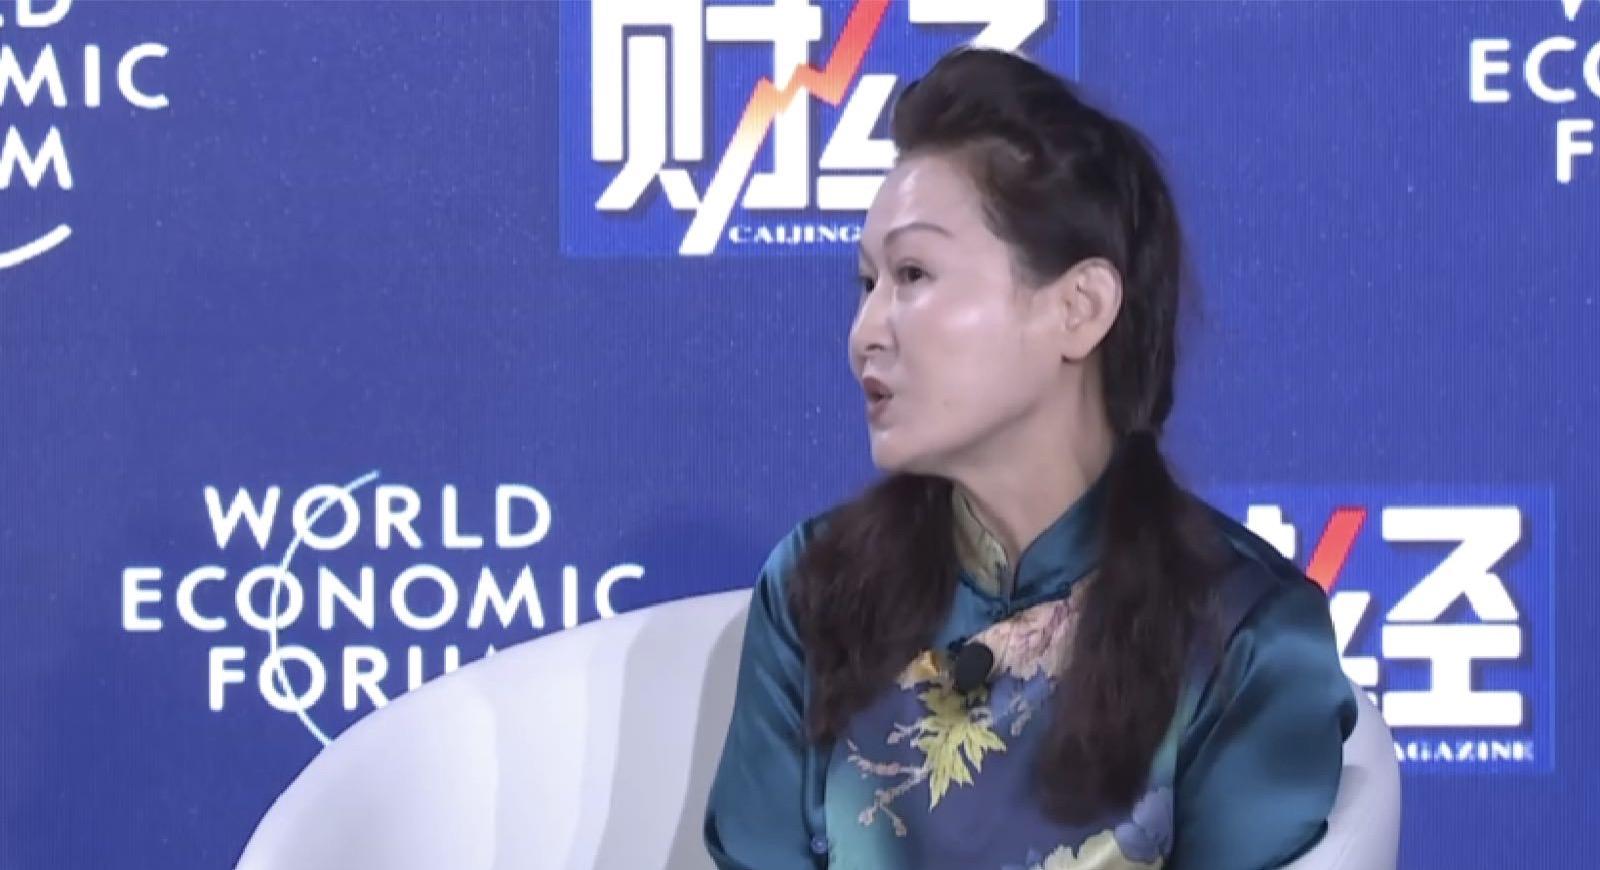 赵燕:在中国挣12万人民币算中产阶级 约有2.5亿人达标